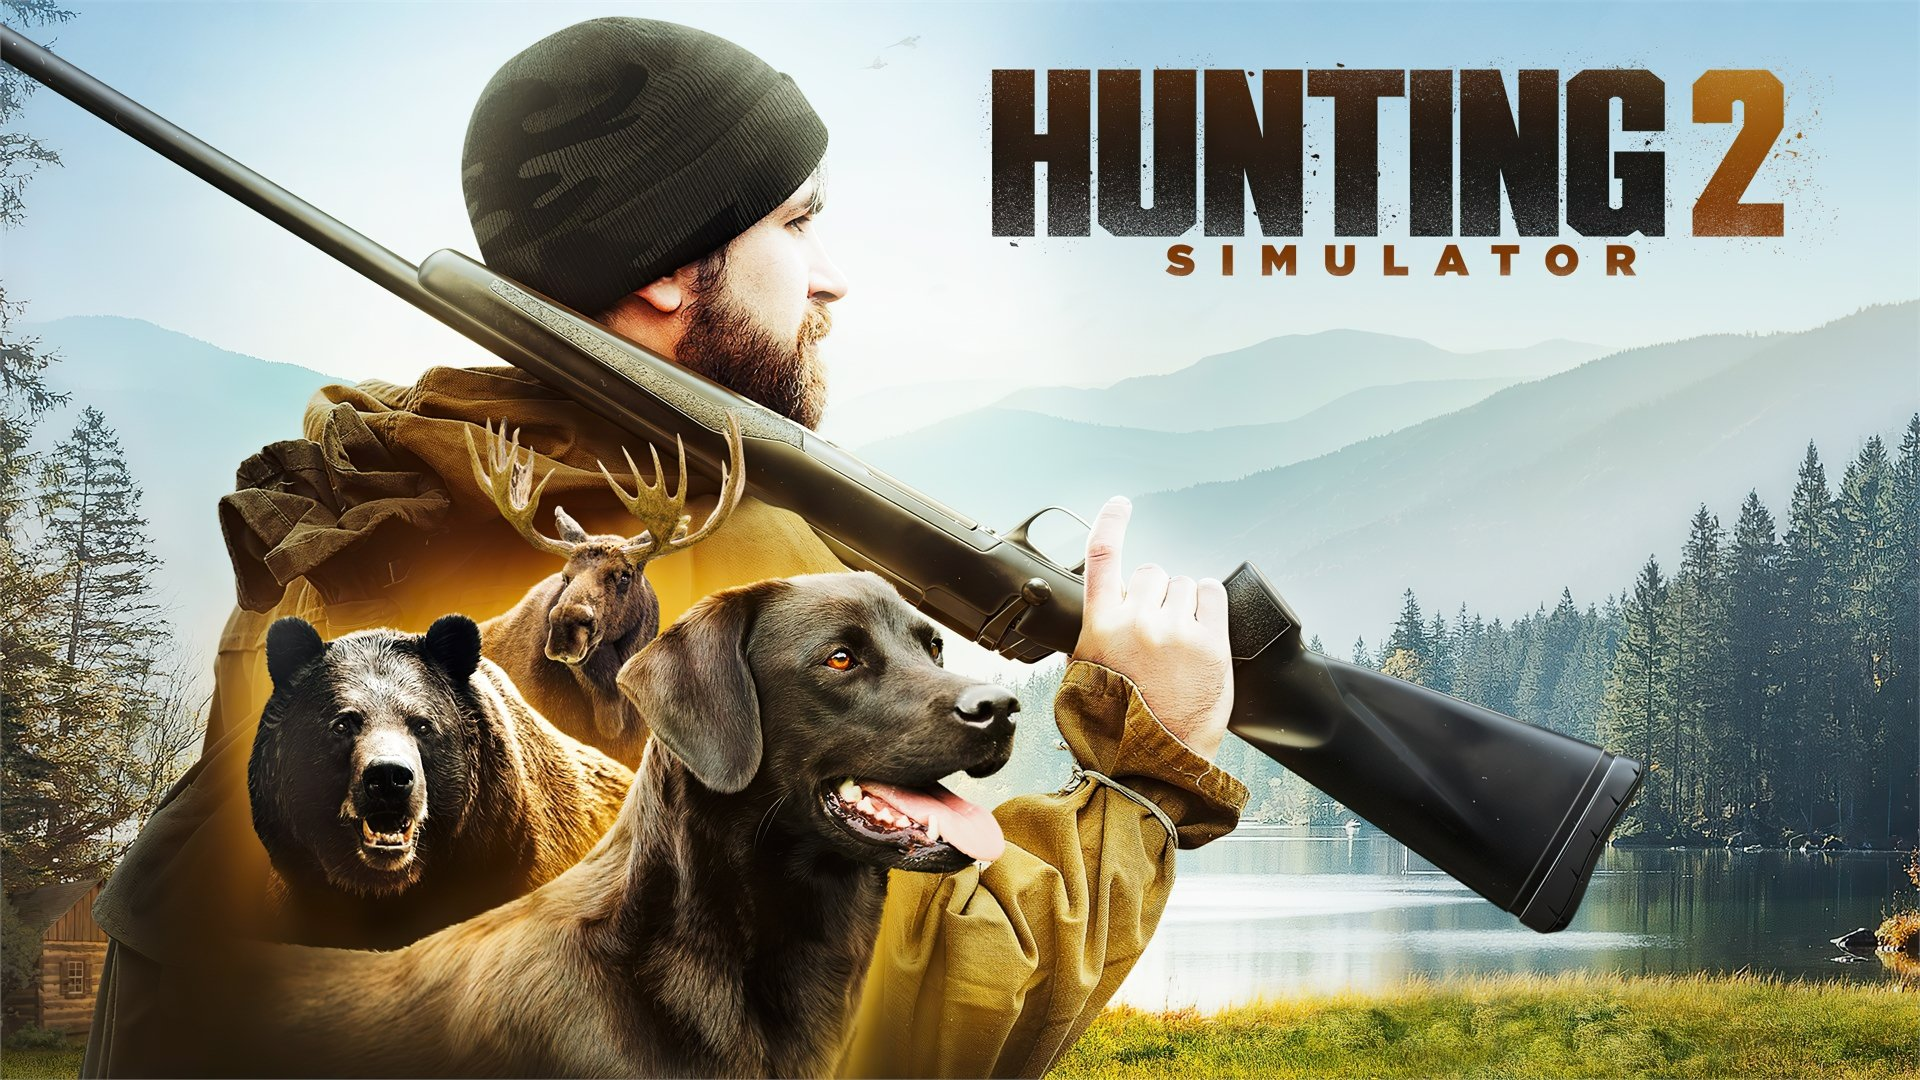 hunting simulator 2 game wallpaper 74062